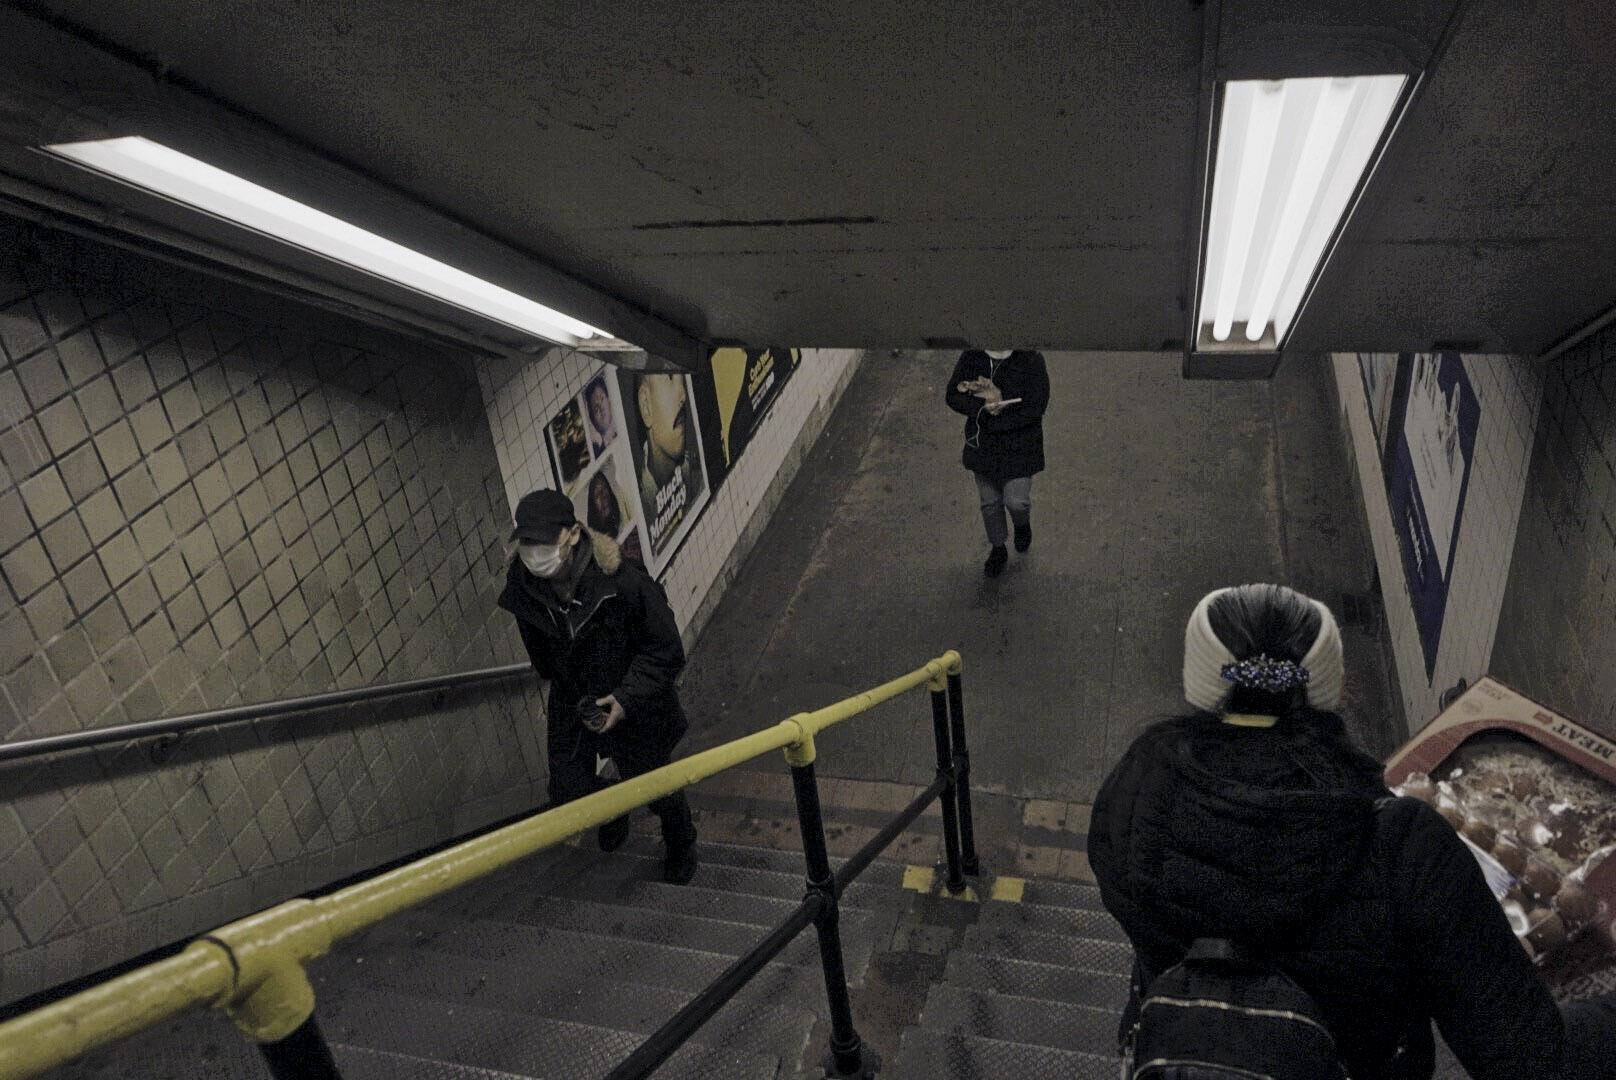 El ingreso al Subway de conexión a la línea del tren R, el 21 de marzo. Eduardo Say